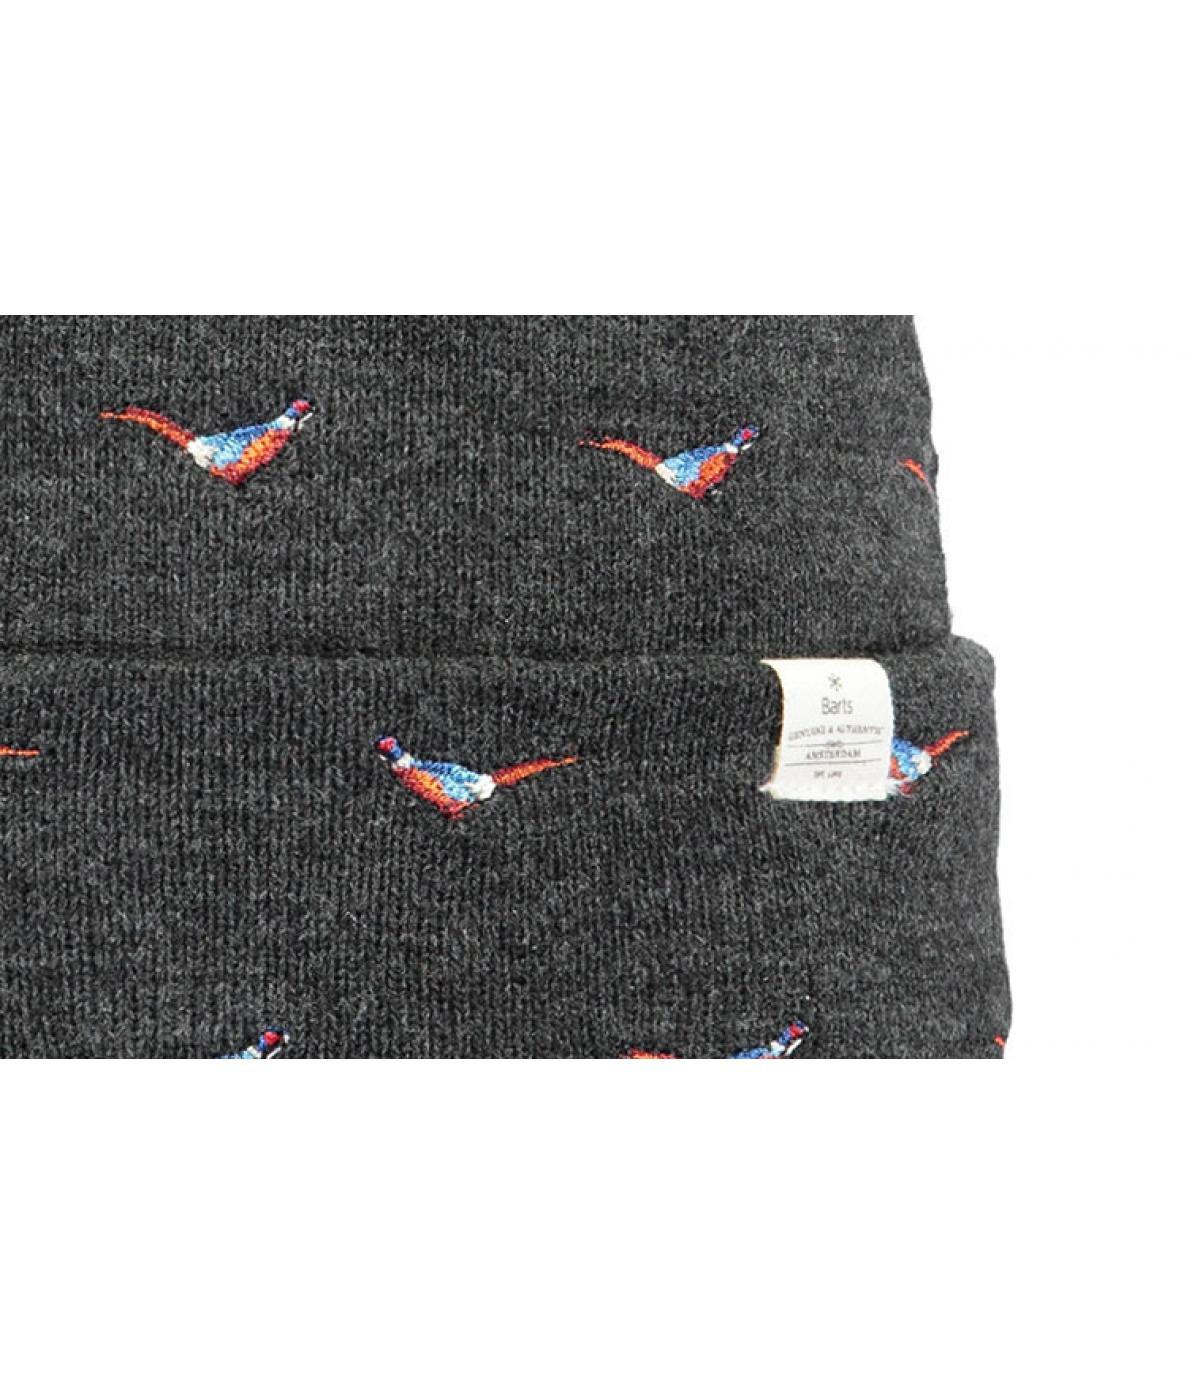 Details Vinson Beanie dark heather - Abbildung 3